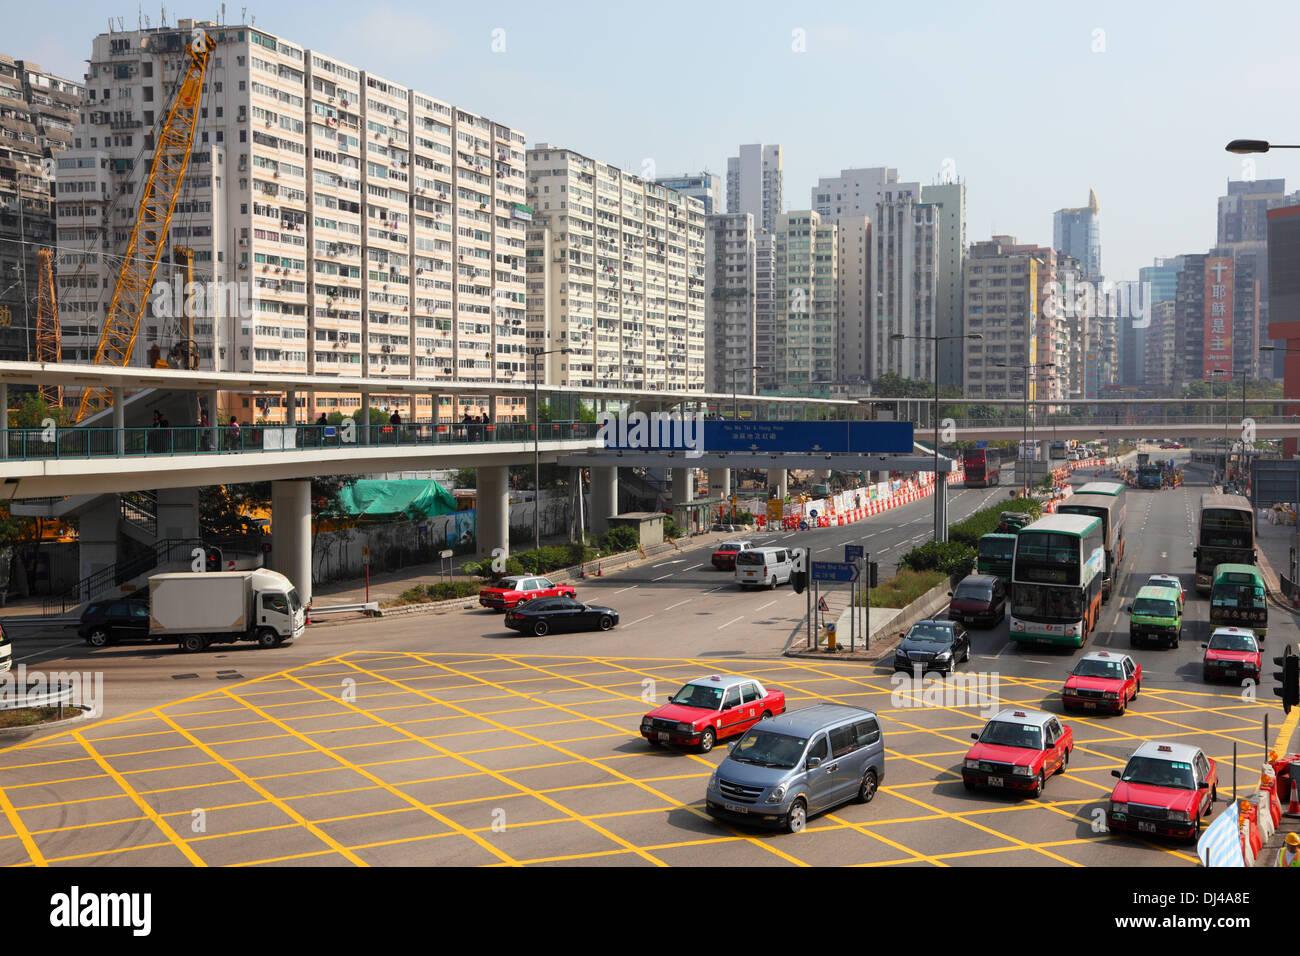 Carrefour dans la ville de Hong Kong, Chine Photo Stock